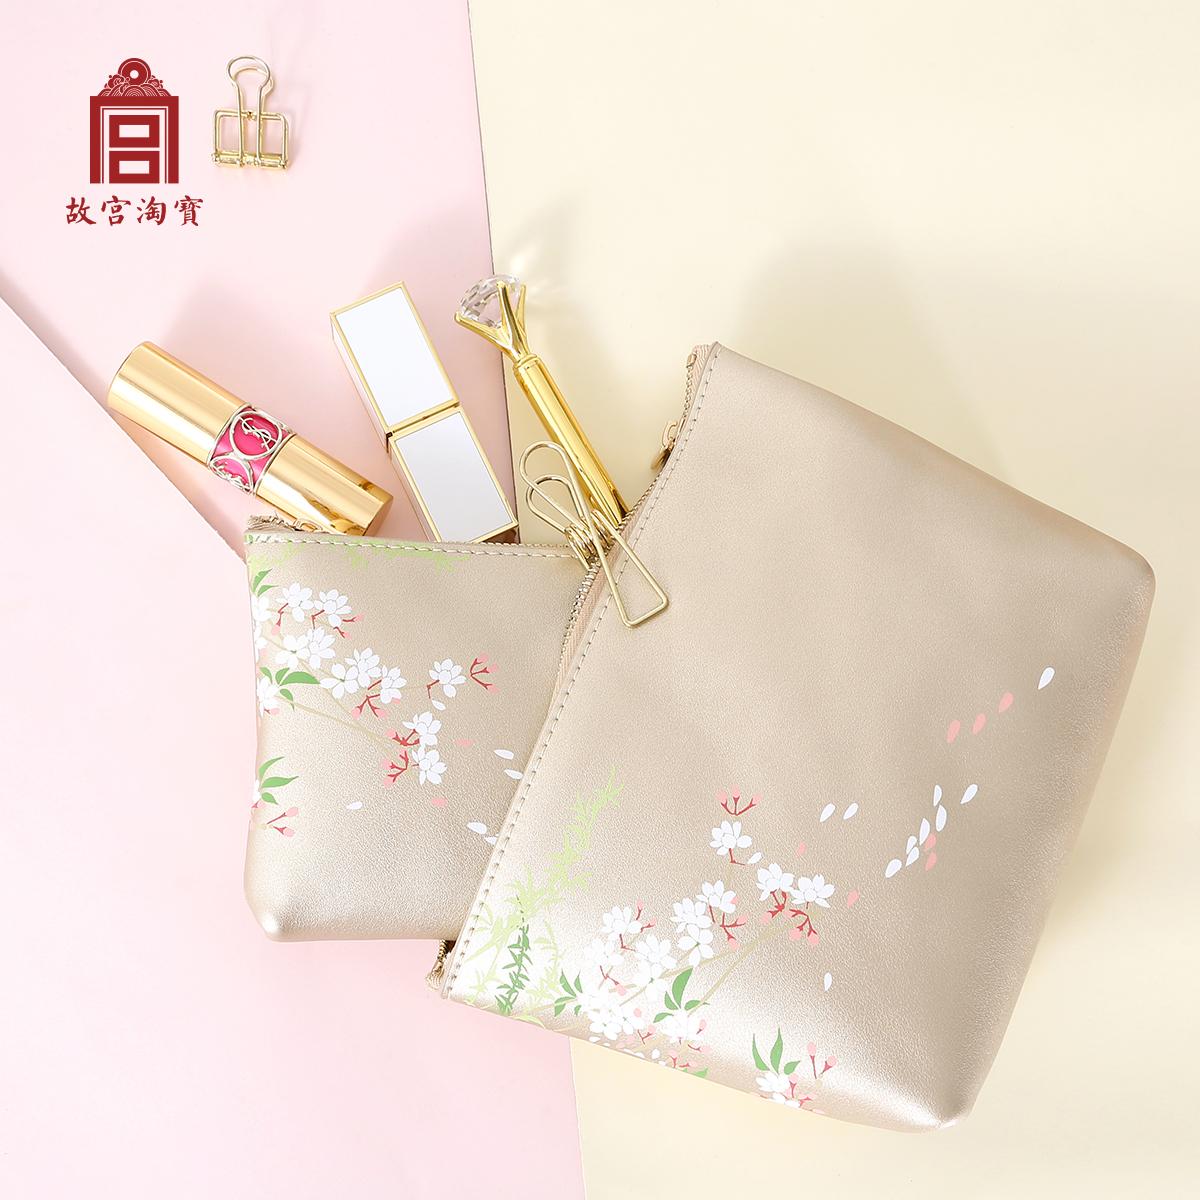 【故宫淘宝】金风花颜-化妆收纳包优惠券